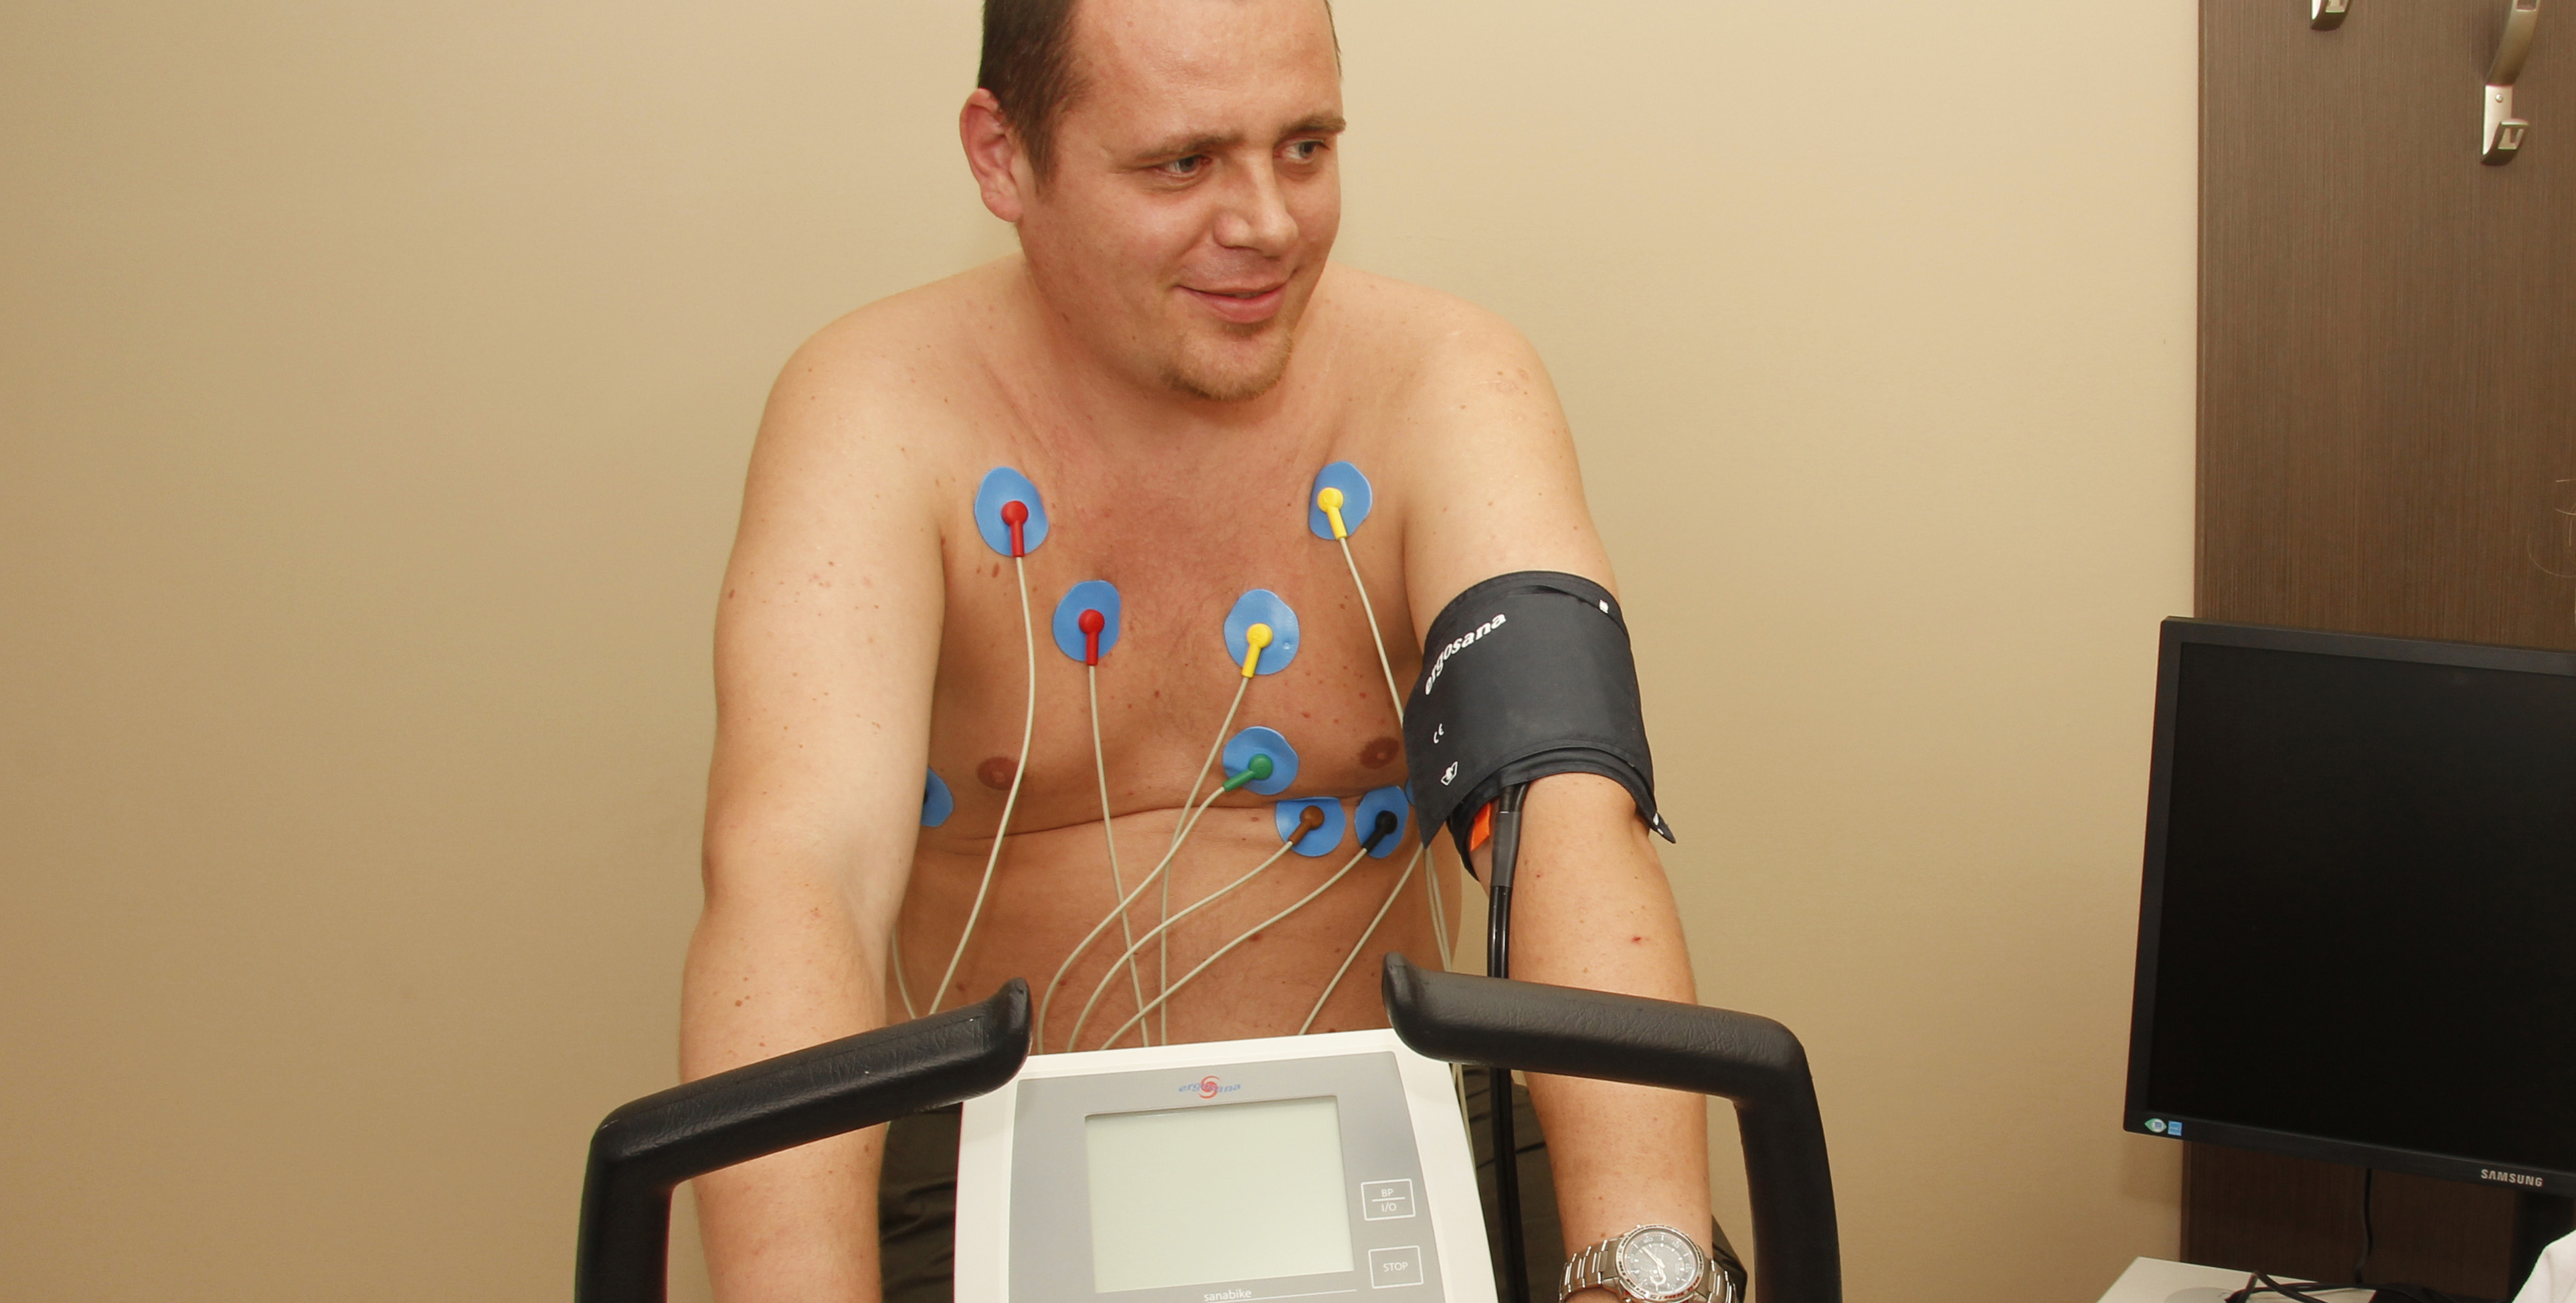 magas vérnyomás neurológus vagy kardiológus gyógyszerek egy új generációs magas vérnyomás ellen a cukorbetegség ellen